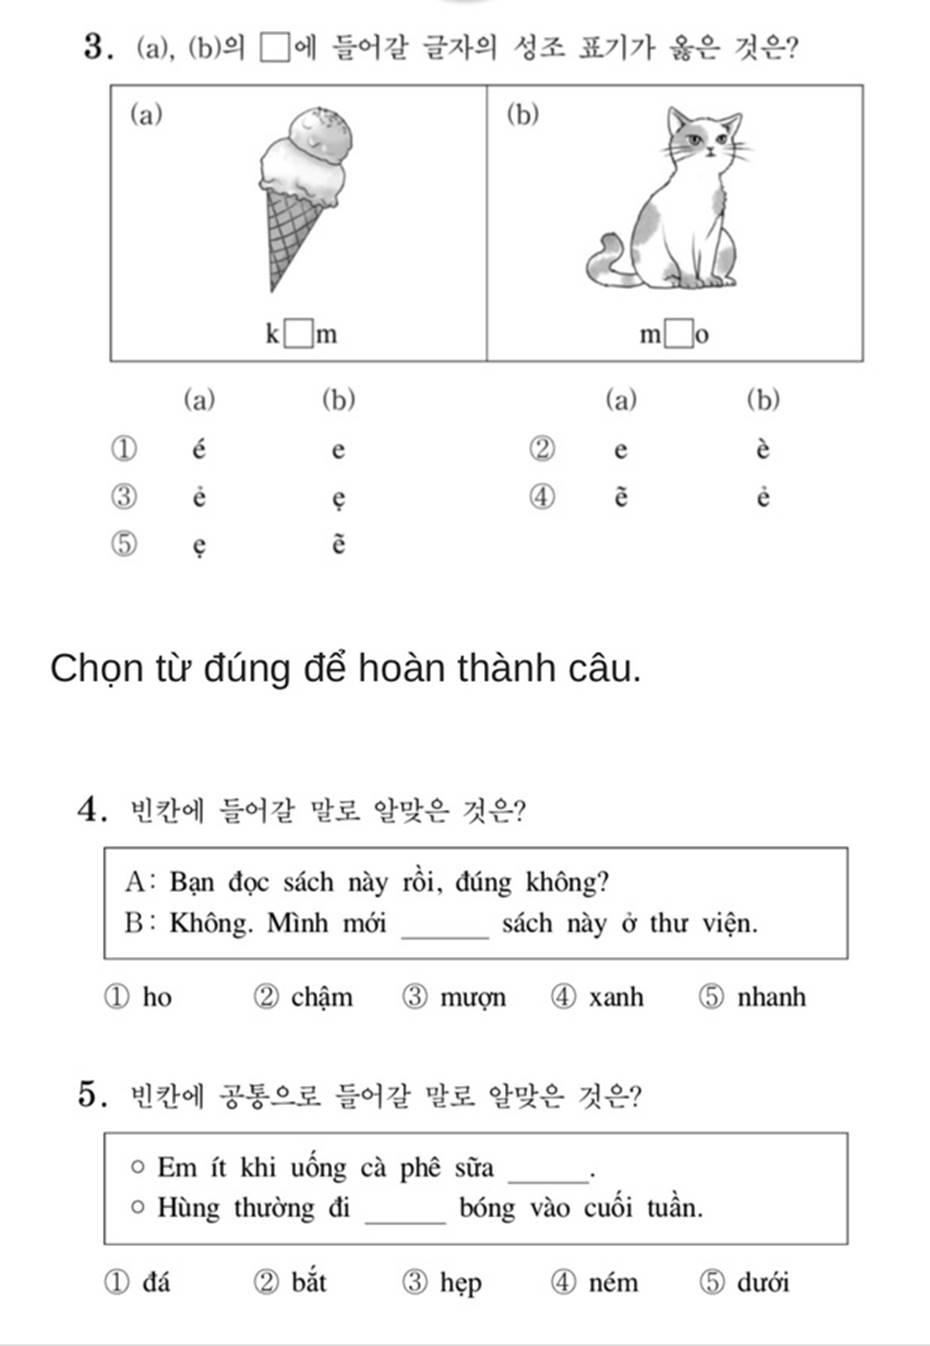 Bạn biết không, thi Đại học ở Hàn Quốc có môn Tiếng Việt và đây là đề thi siêu khó của năm nay-2